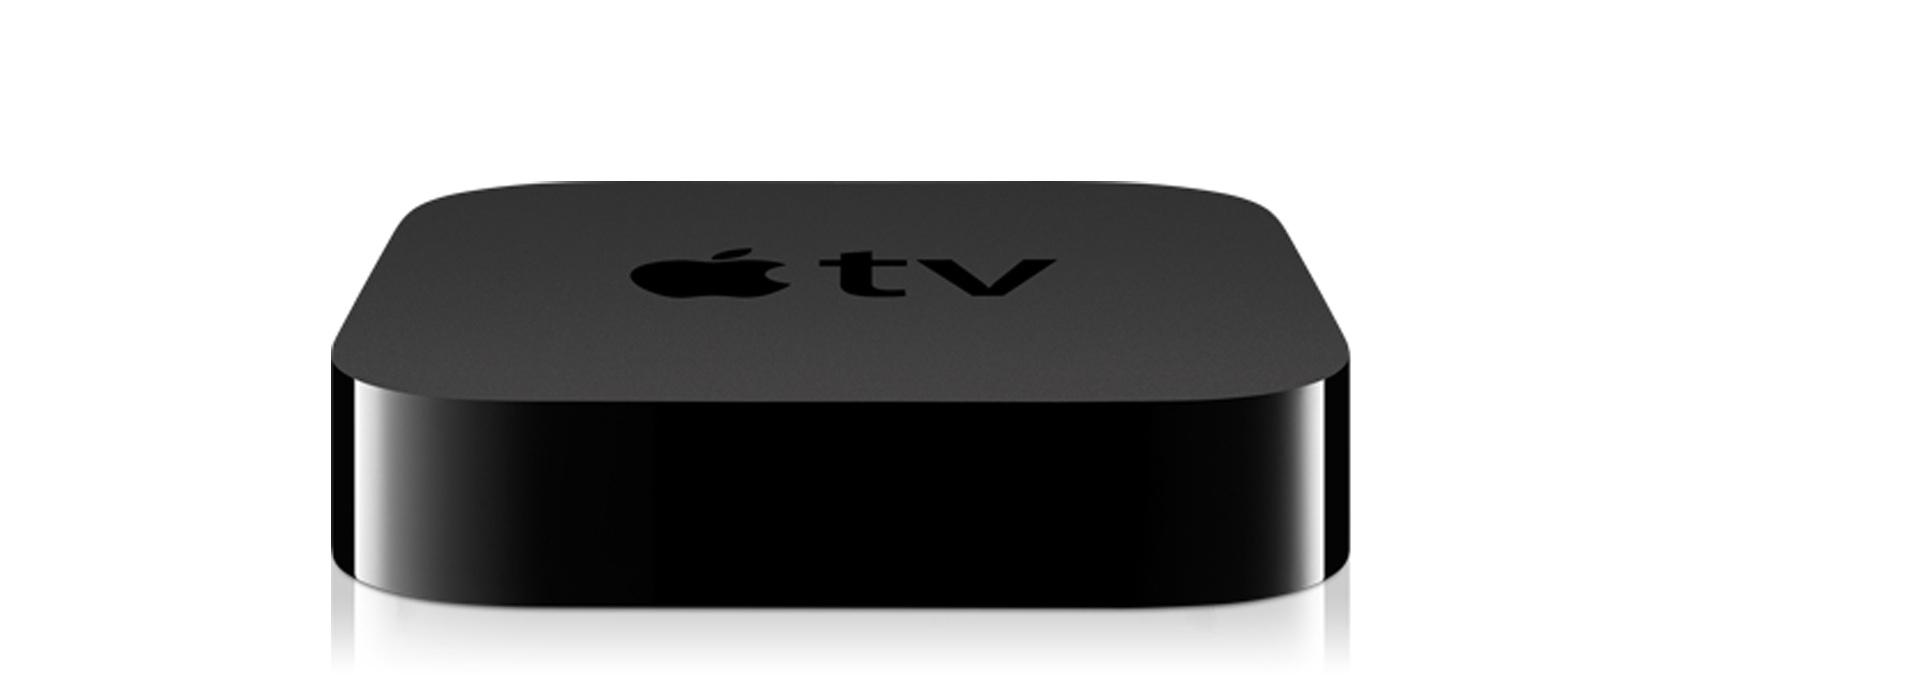 Apple travaillerait à améliorer l'Apple TV